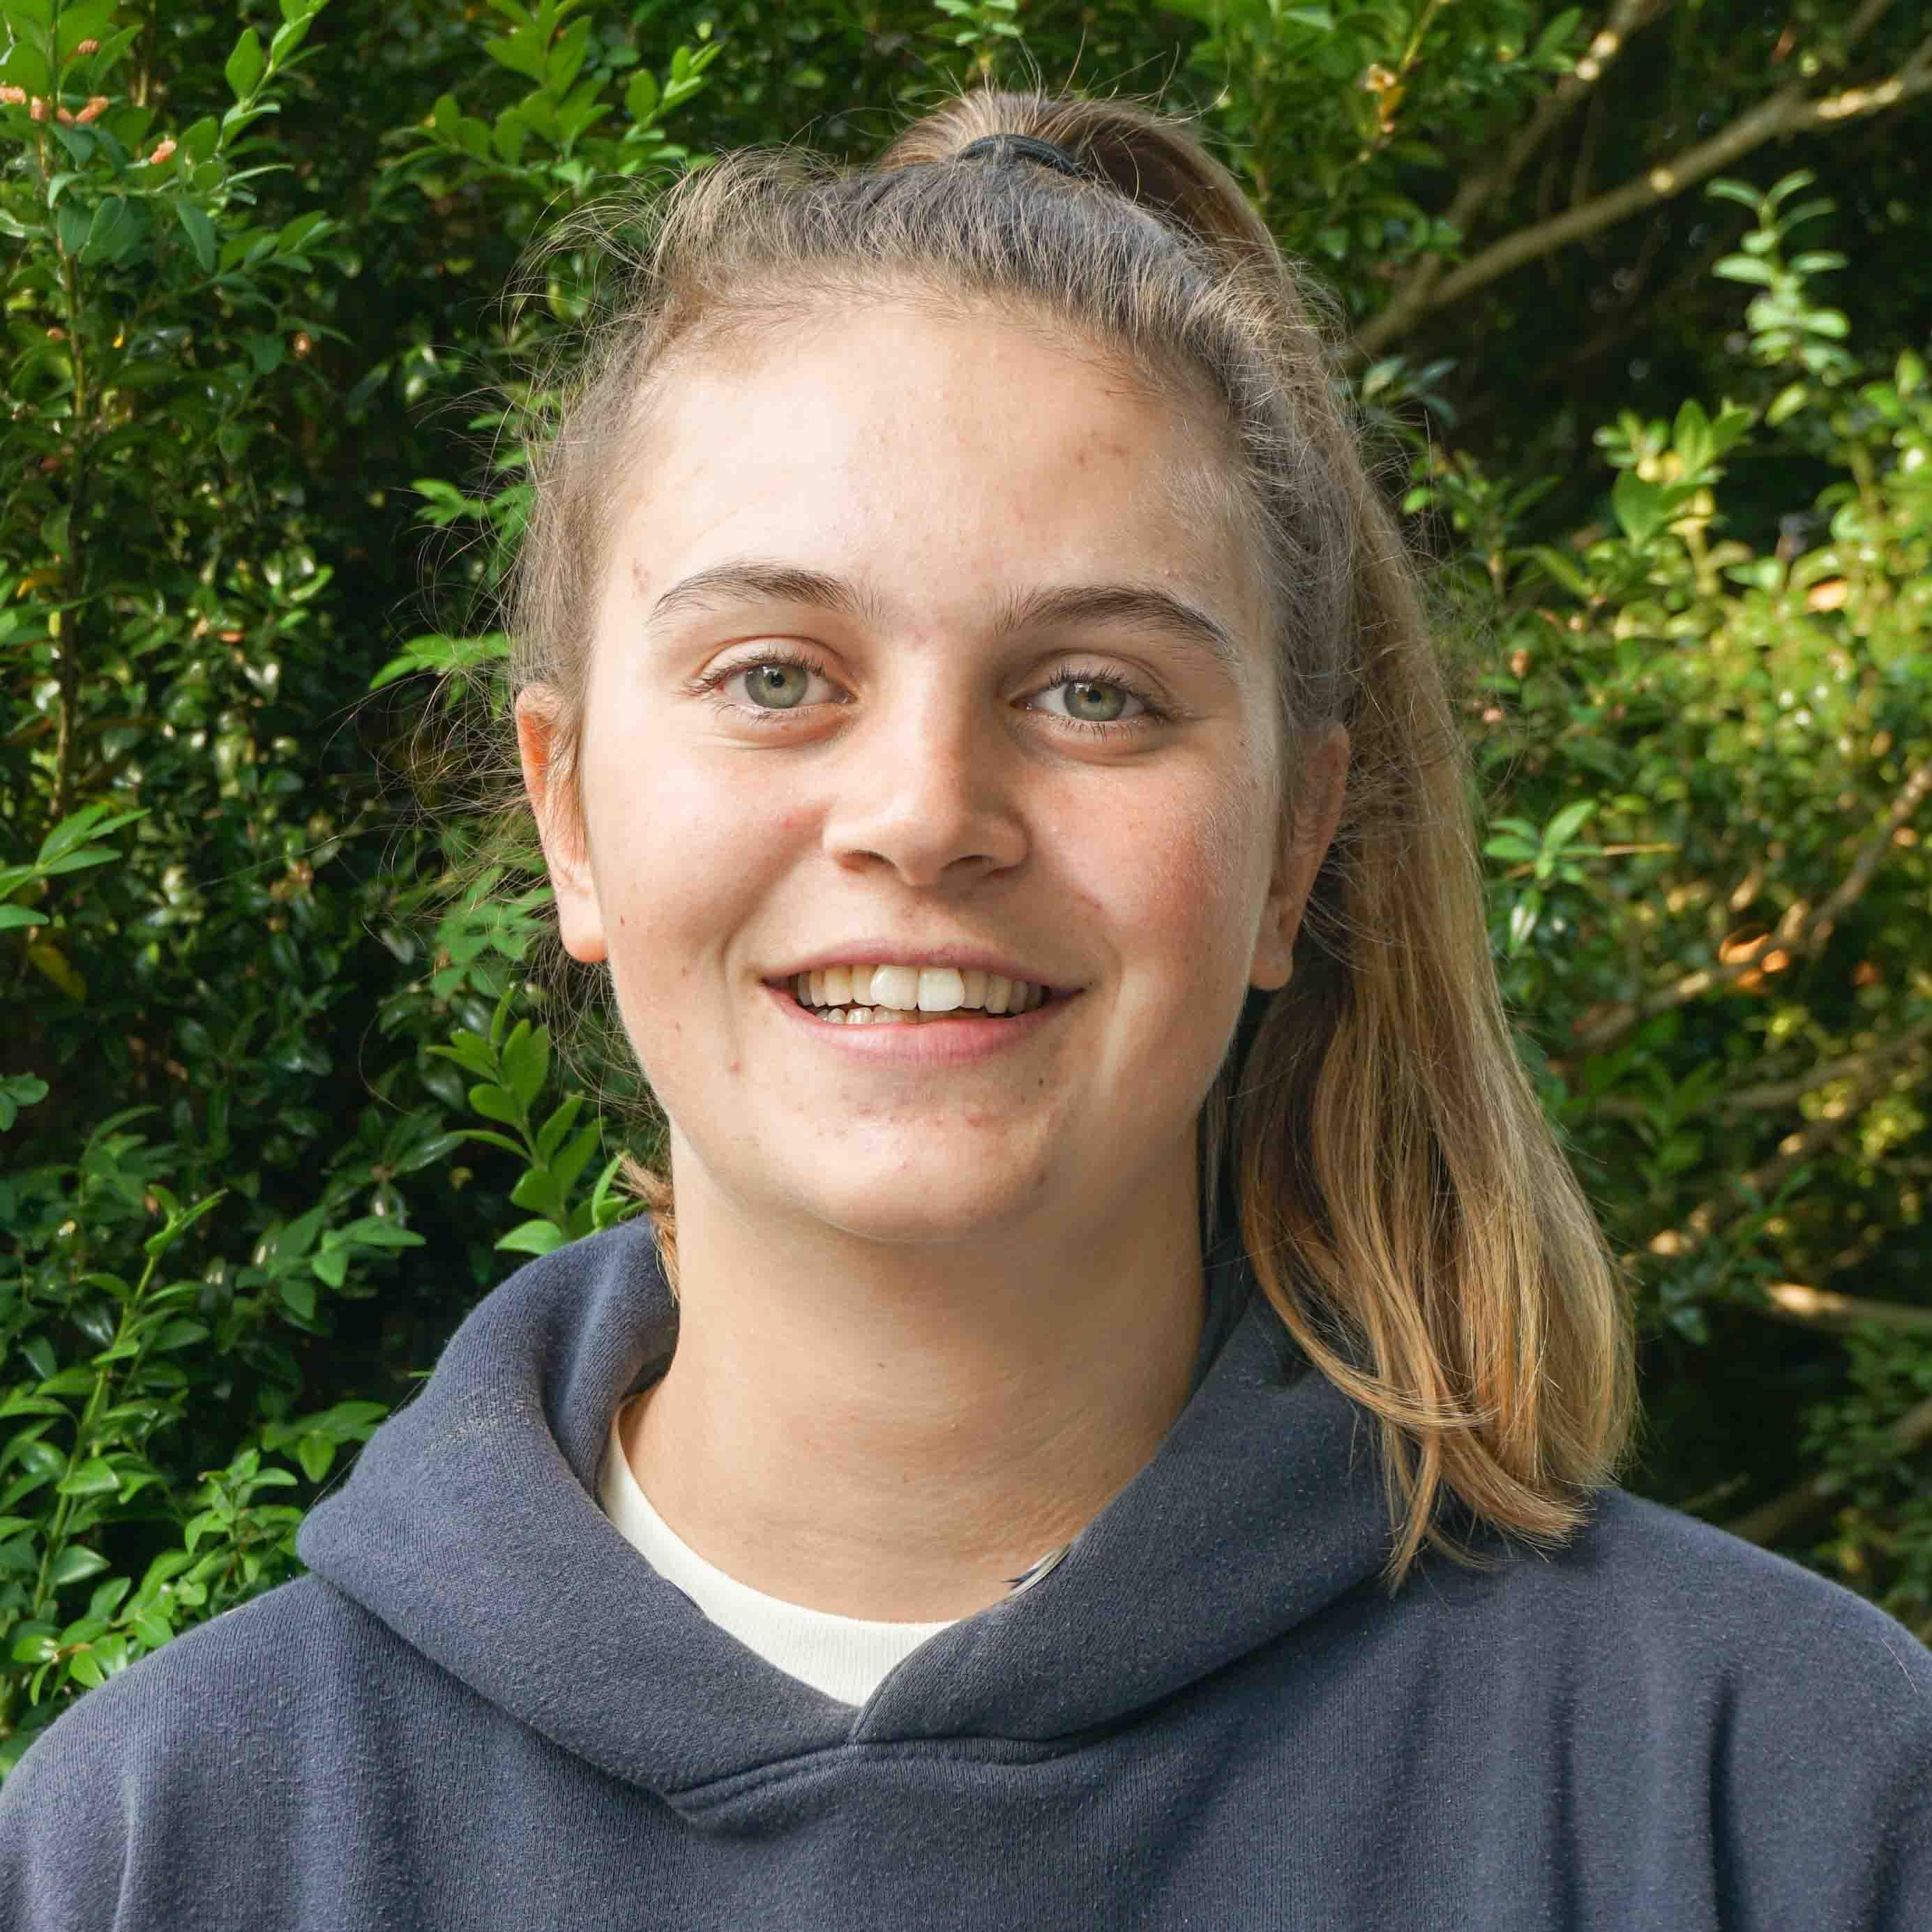 Charlotte Blewett-Harris